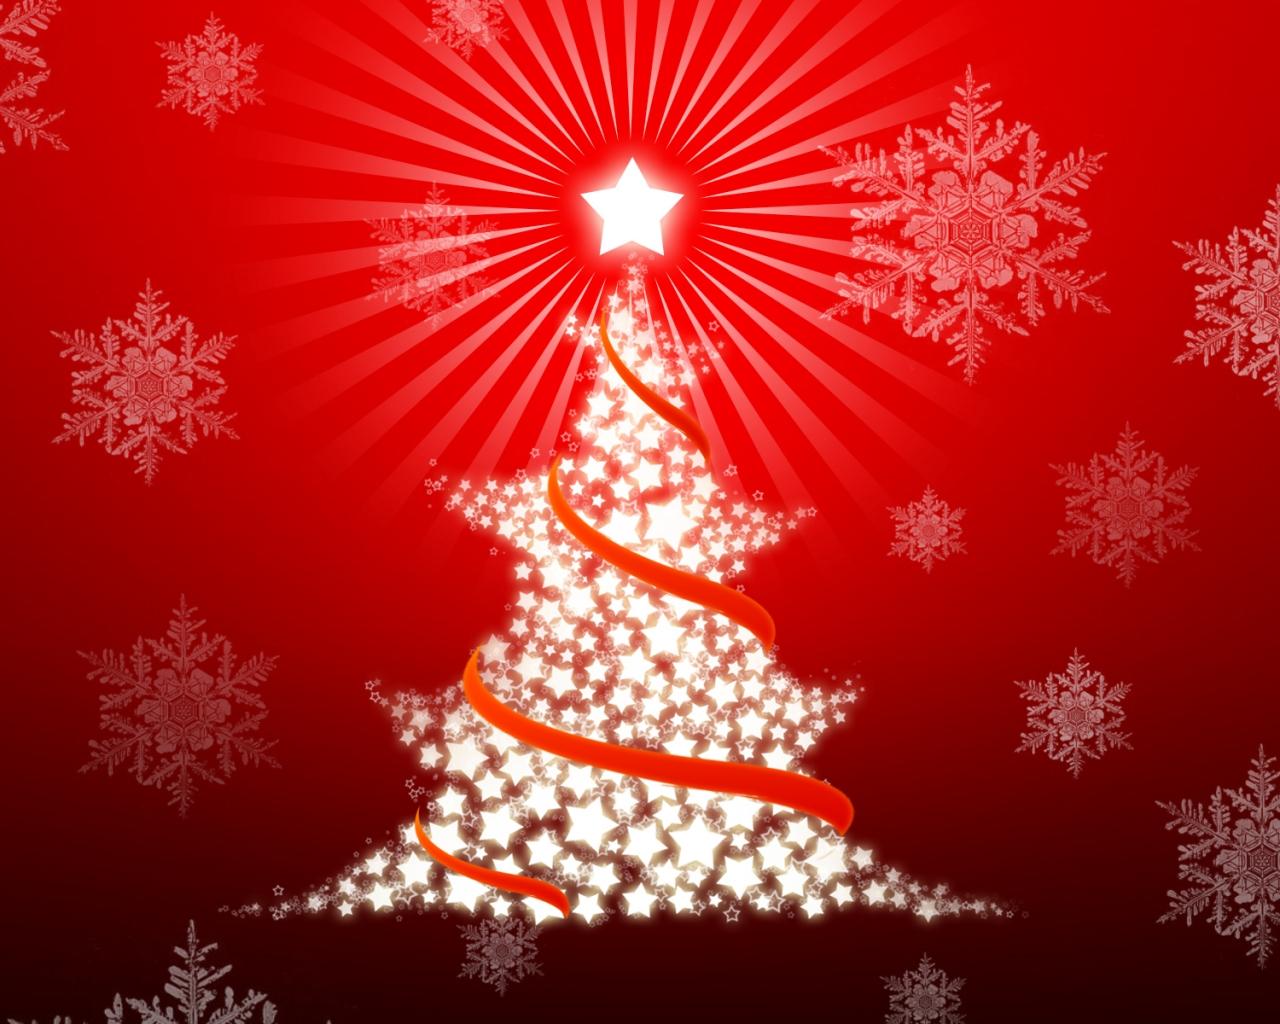 Arbol de navidad con estrellas - 1280x1024